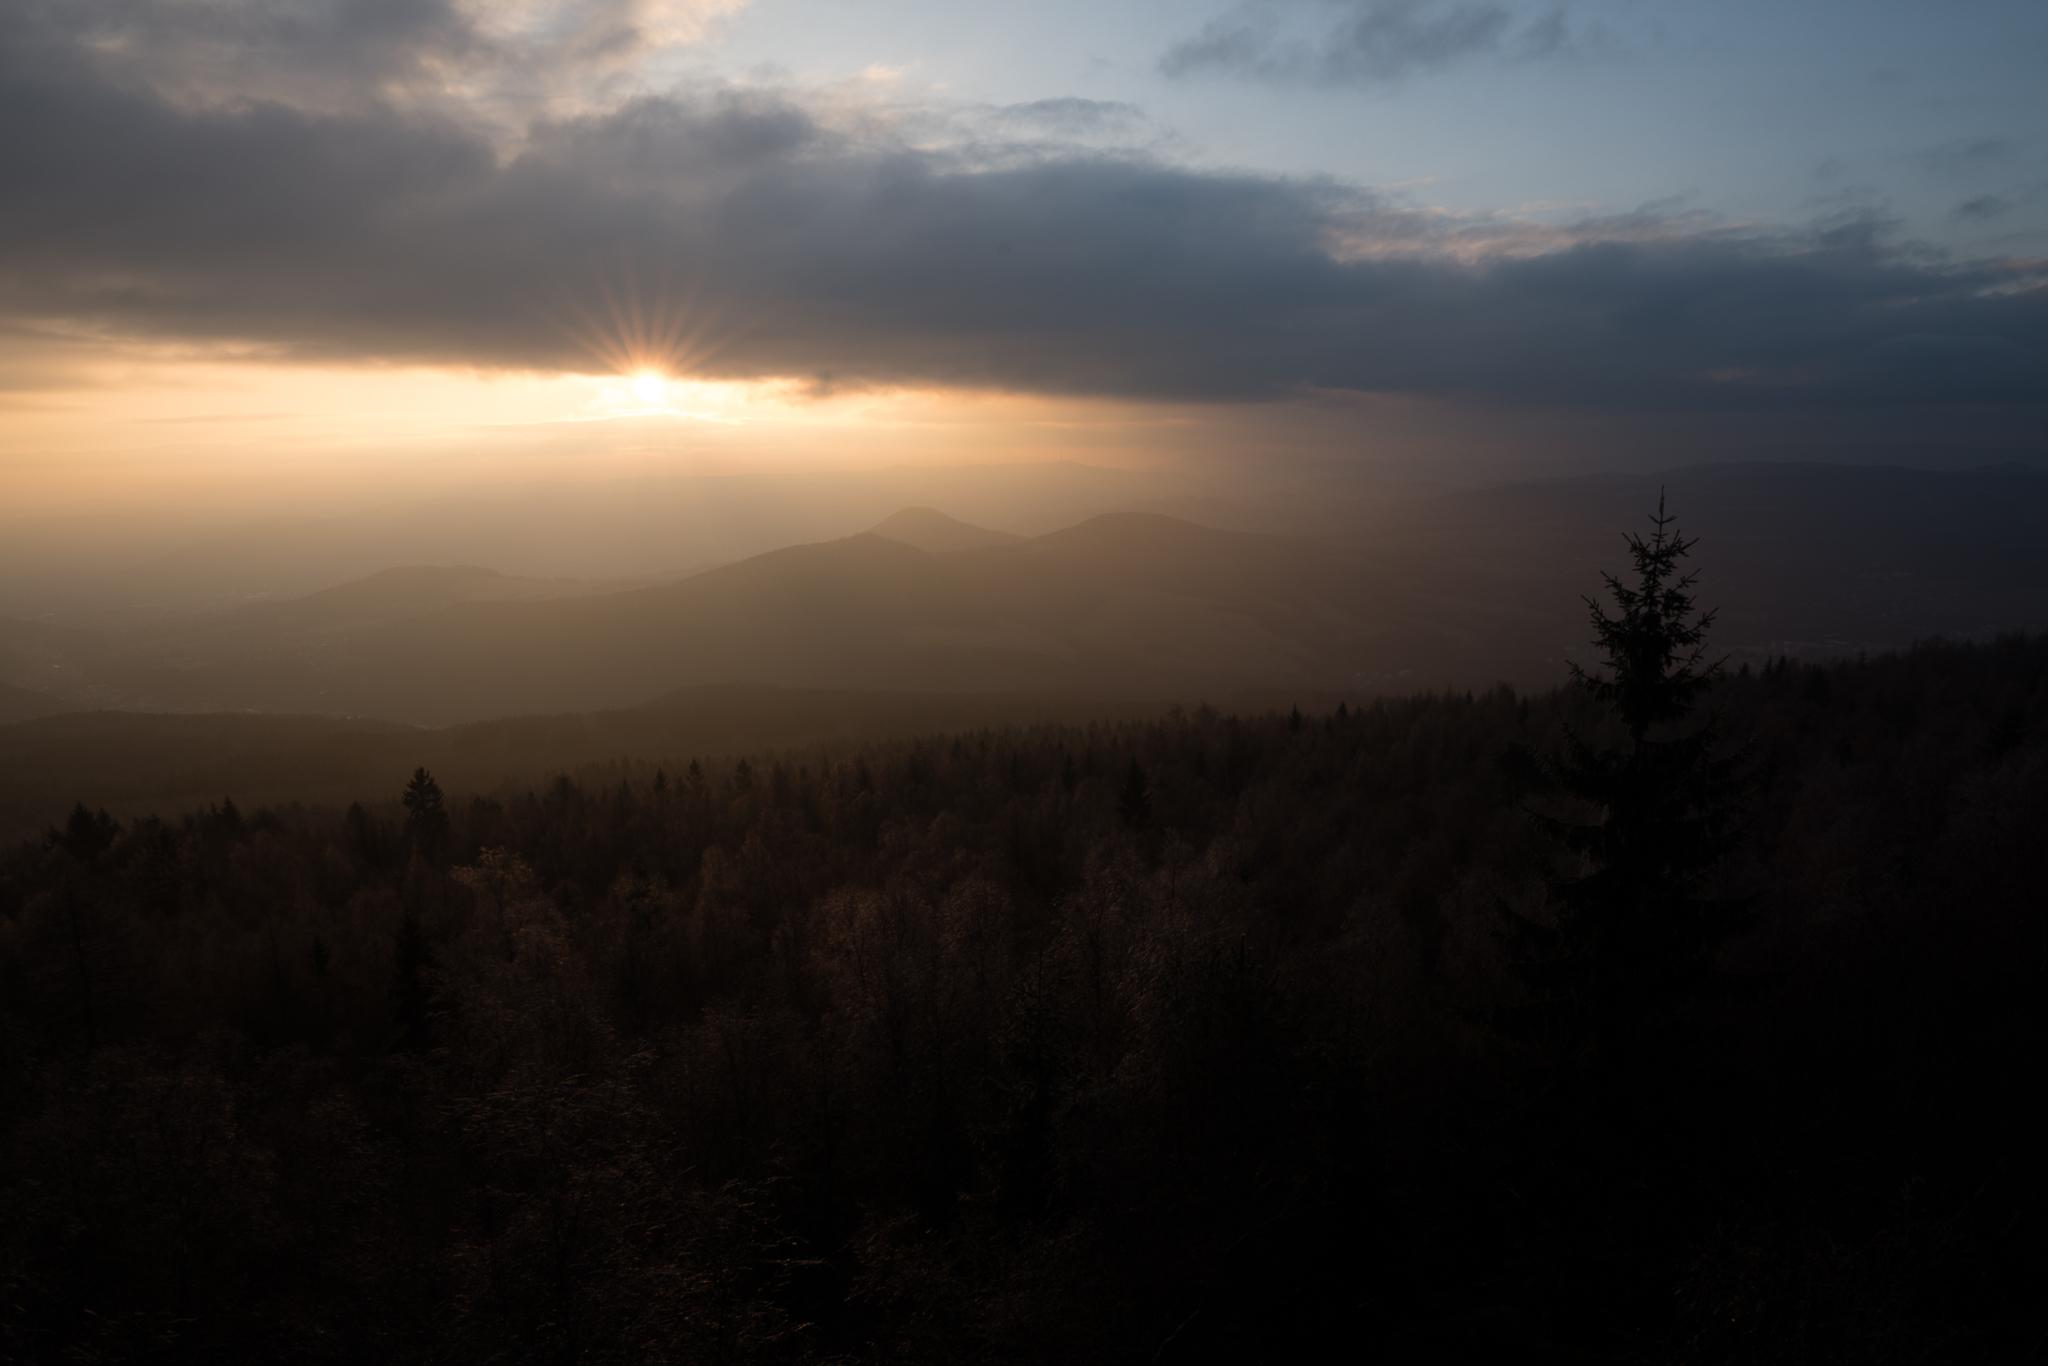 Sunrise 01 - 01